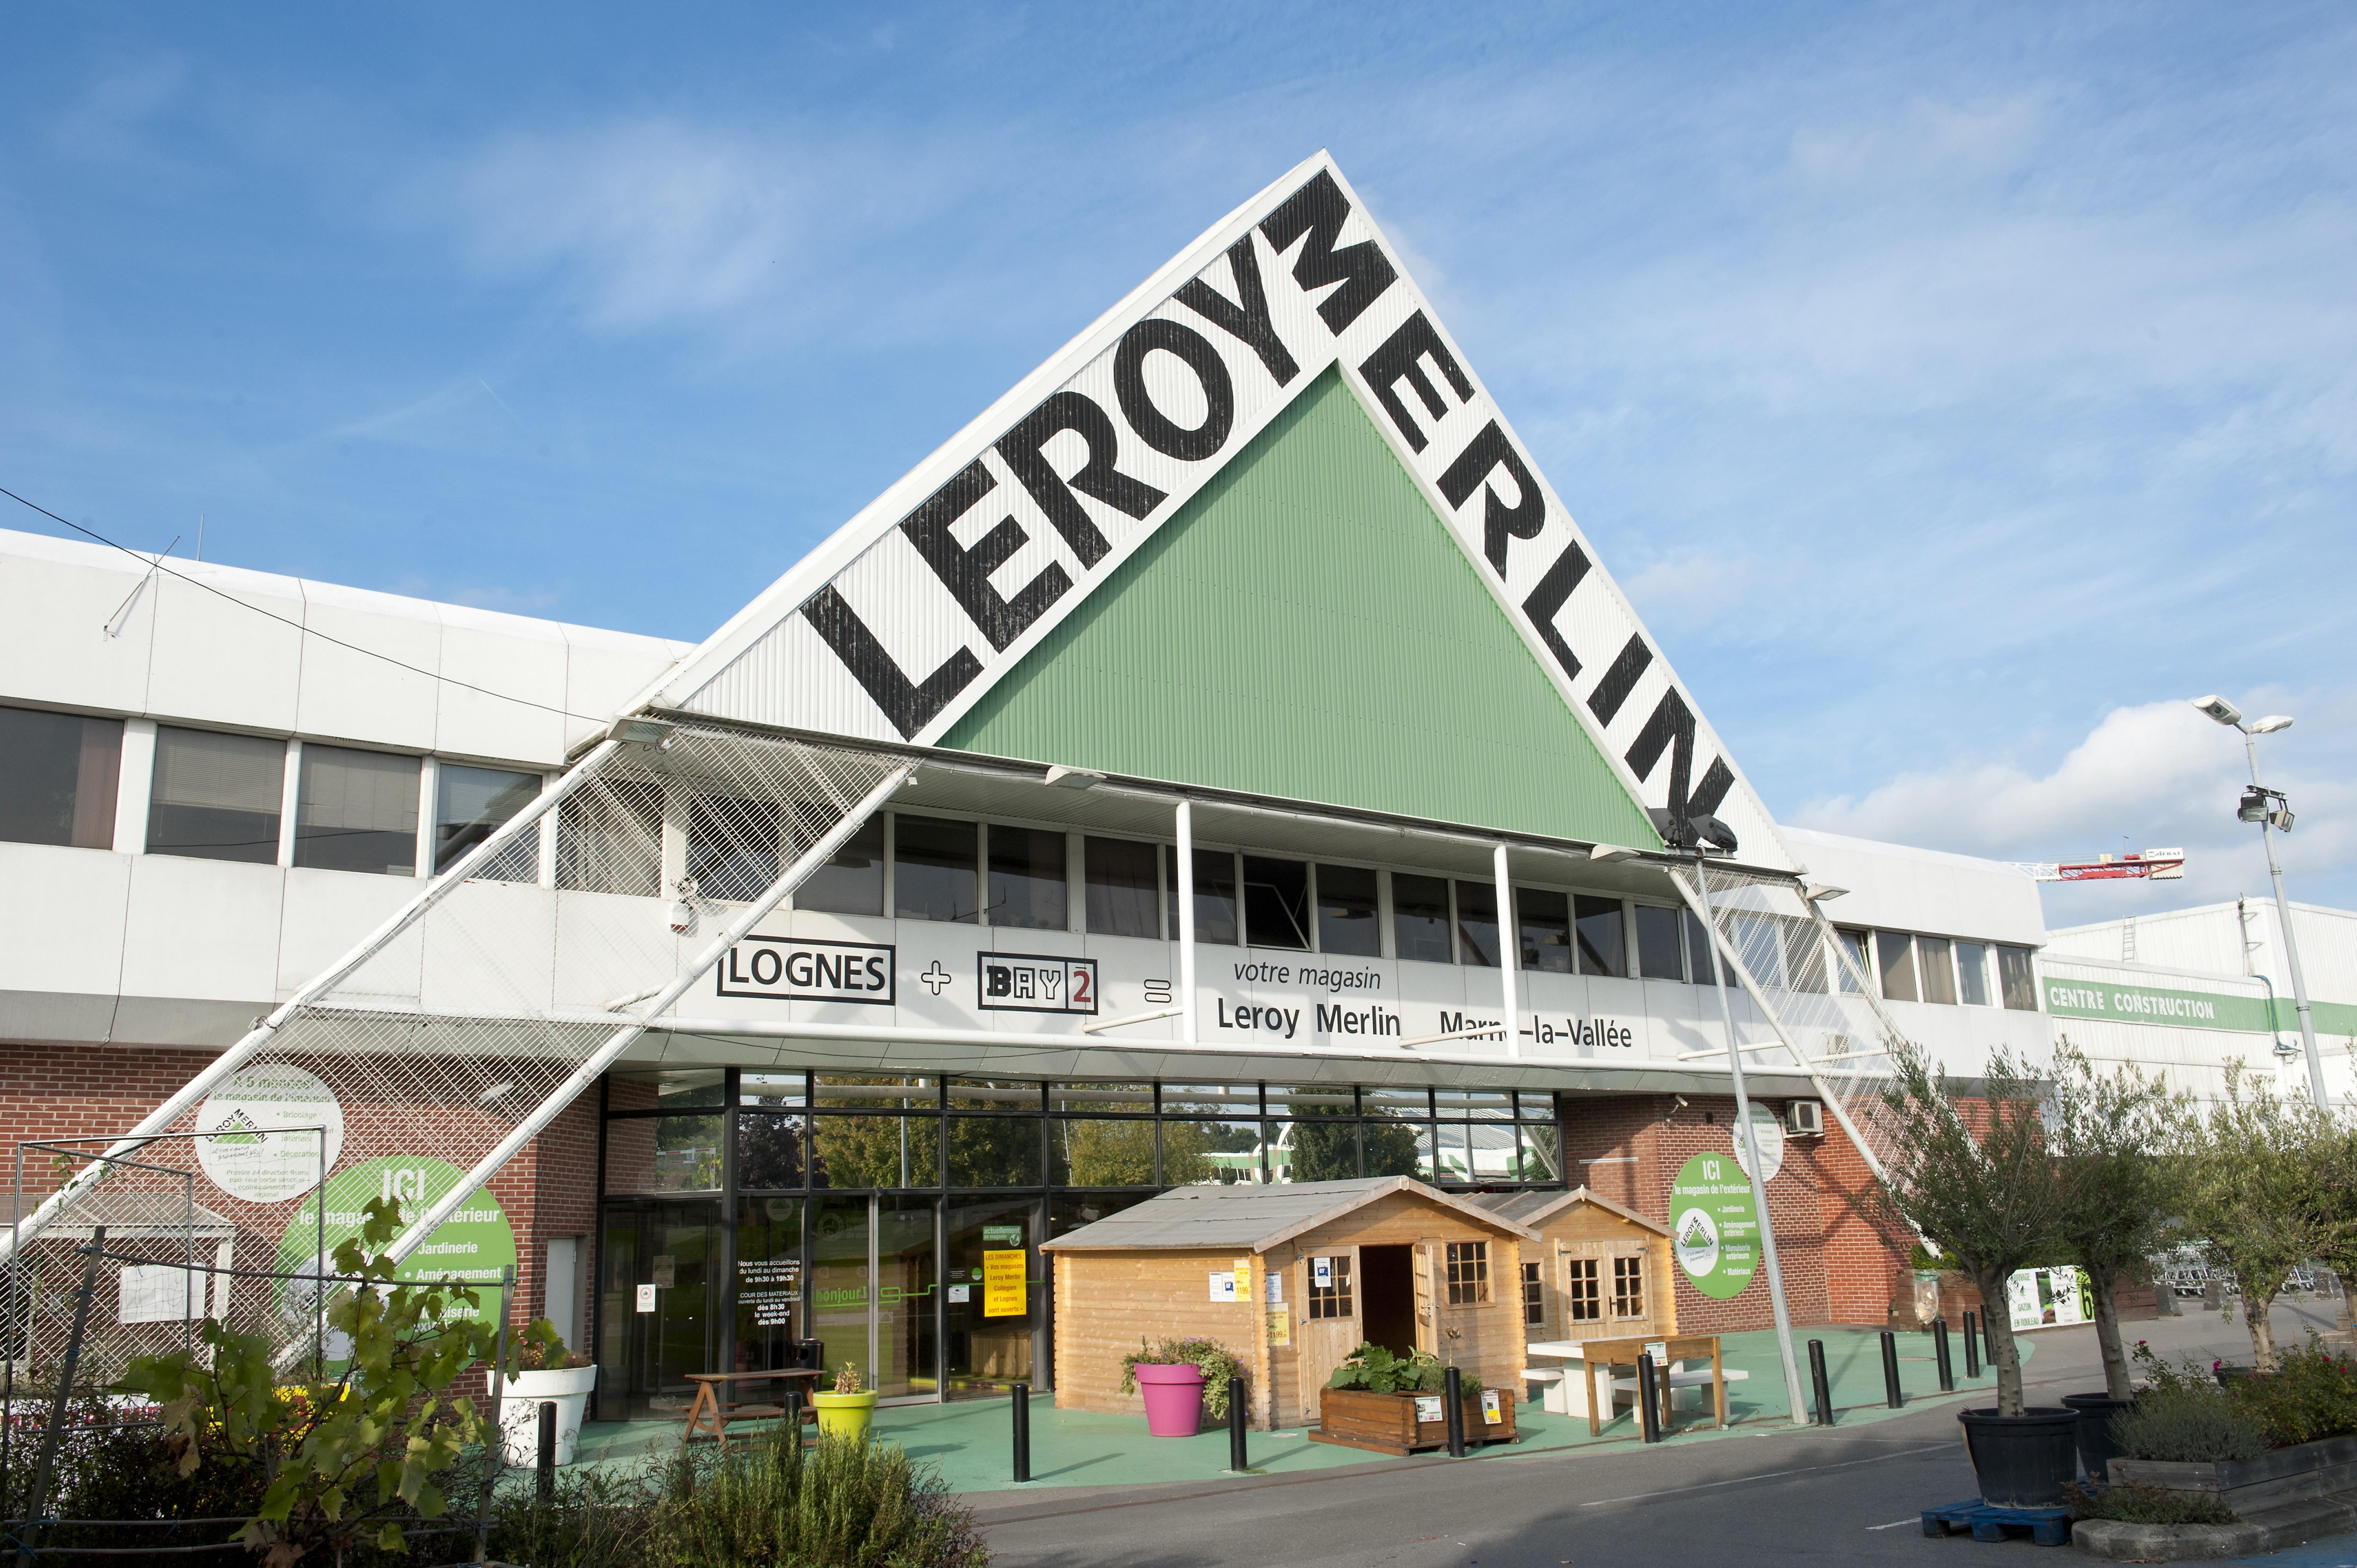 Leroy merlin busca empleados en toda espa a noticias y - Leroy merlin las rozas madrid ...